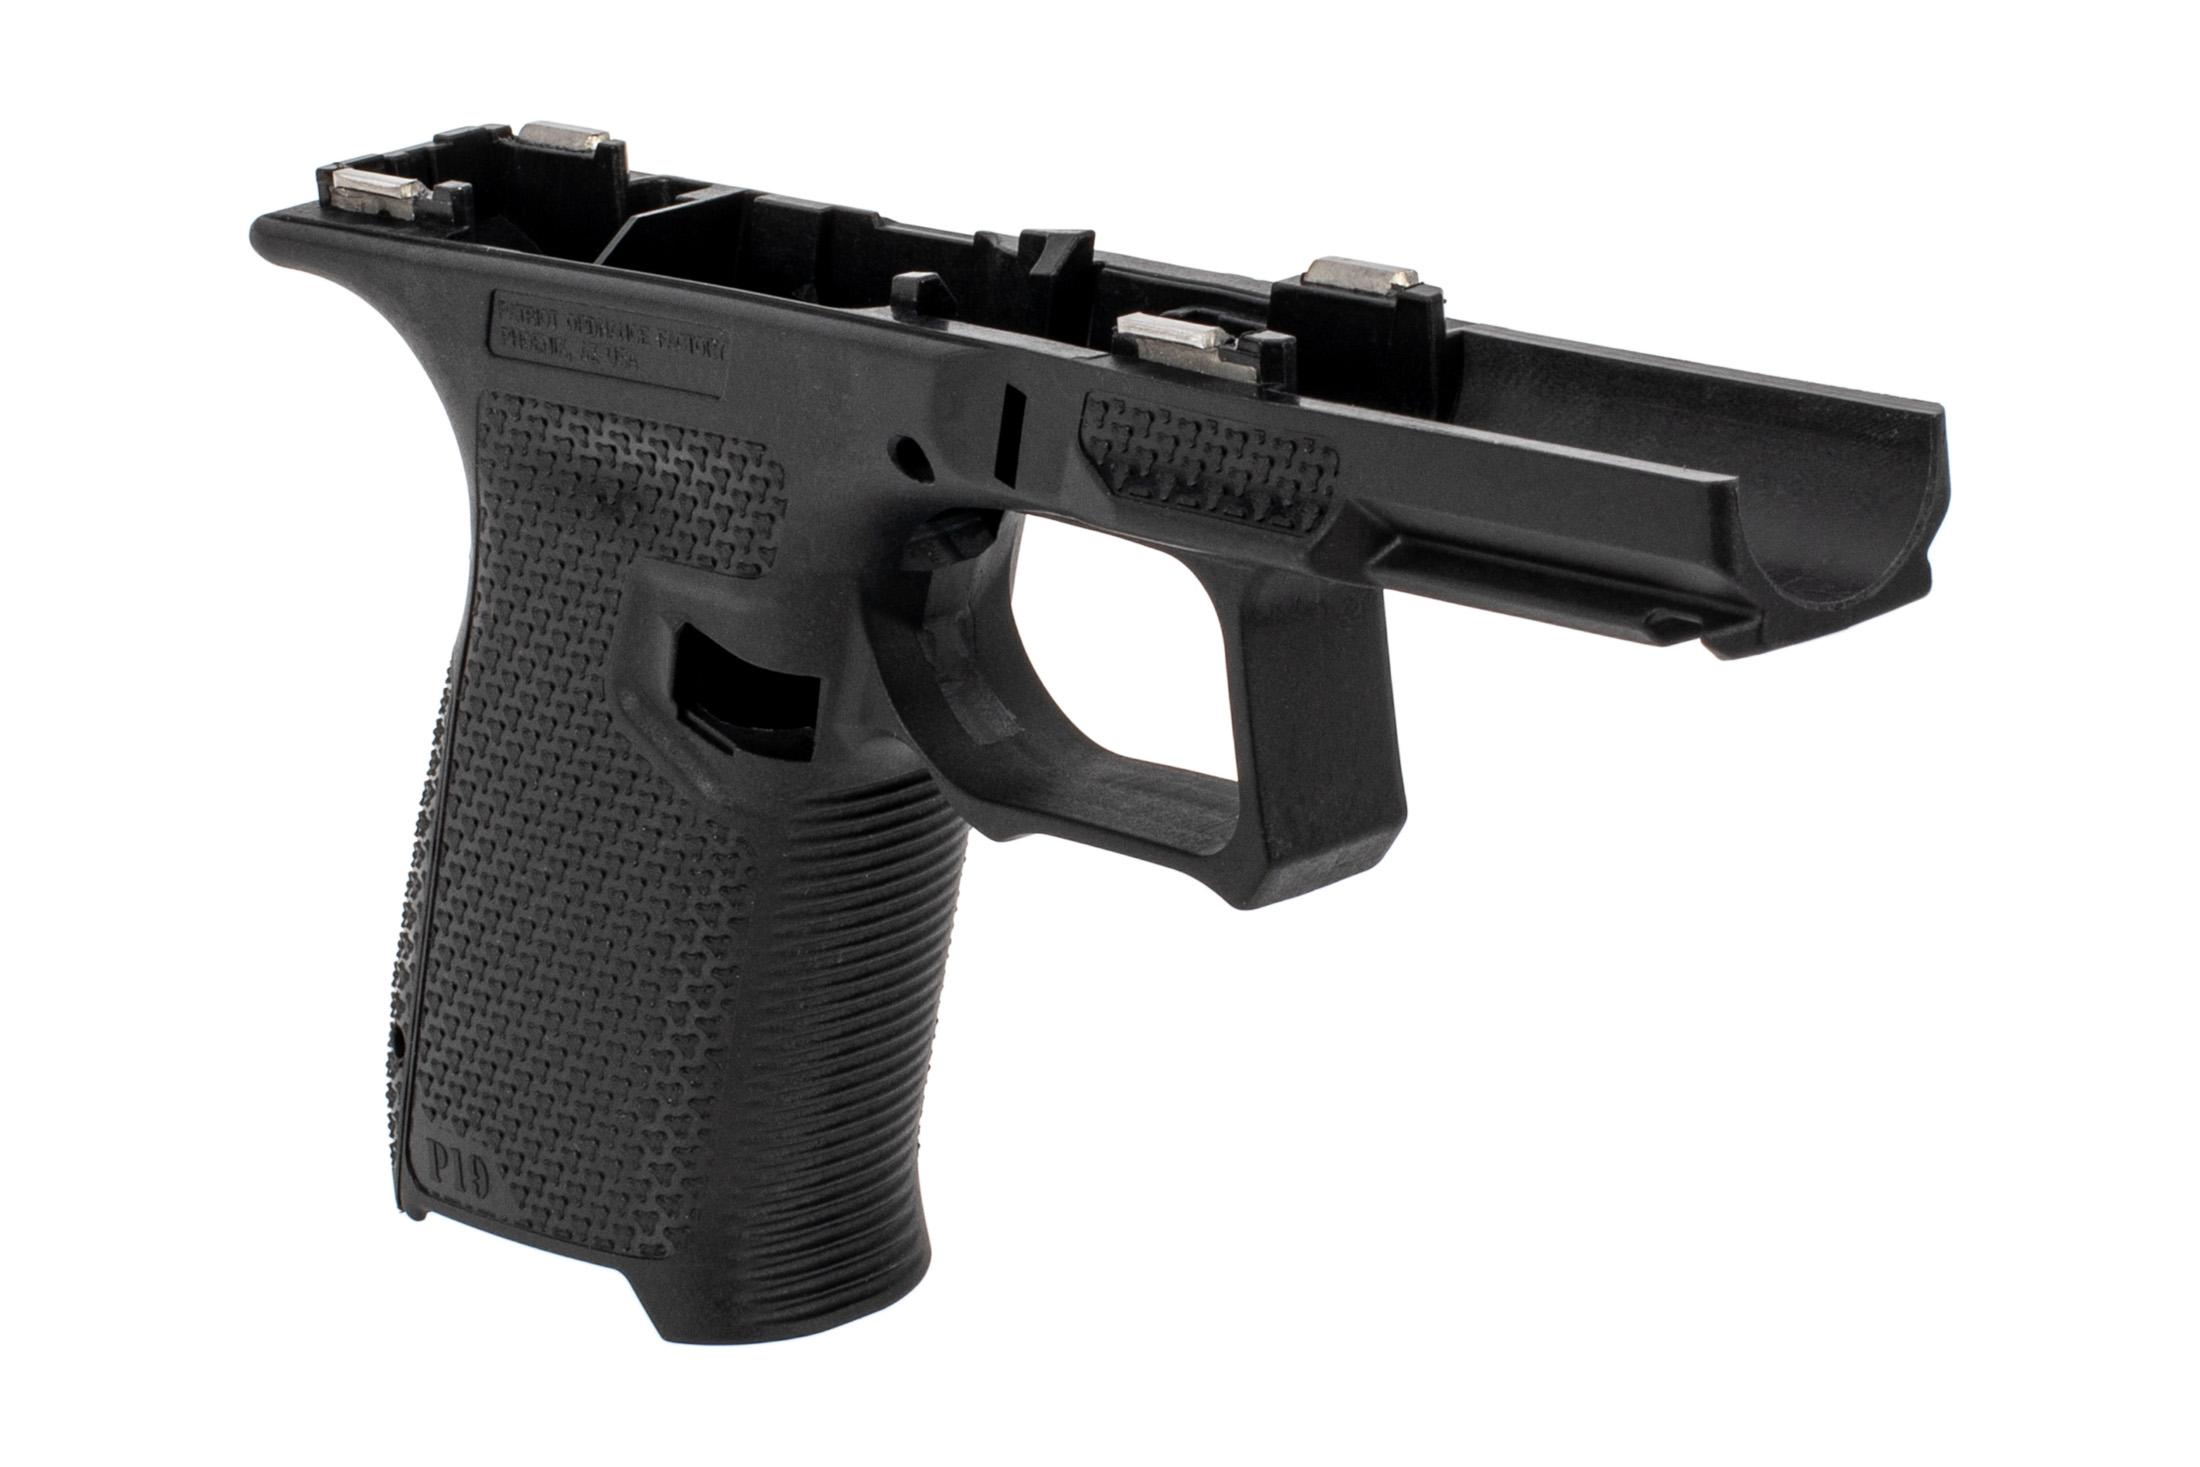 POF 19 frame glock 19